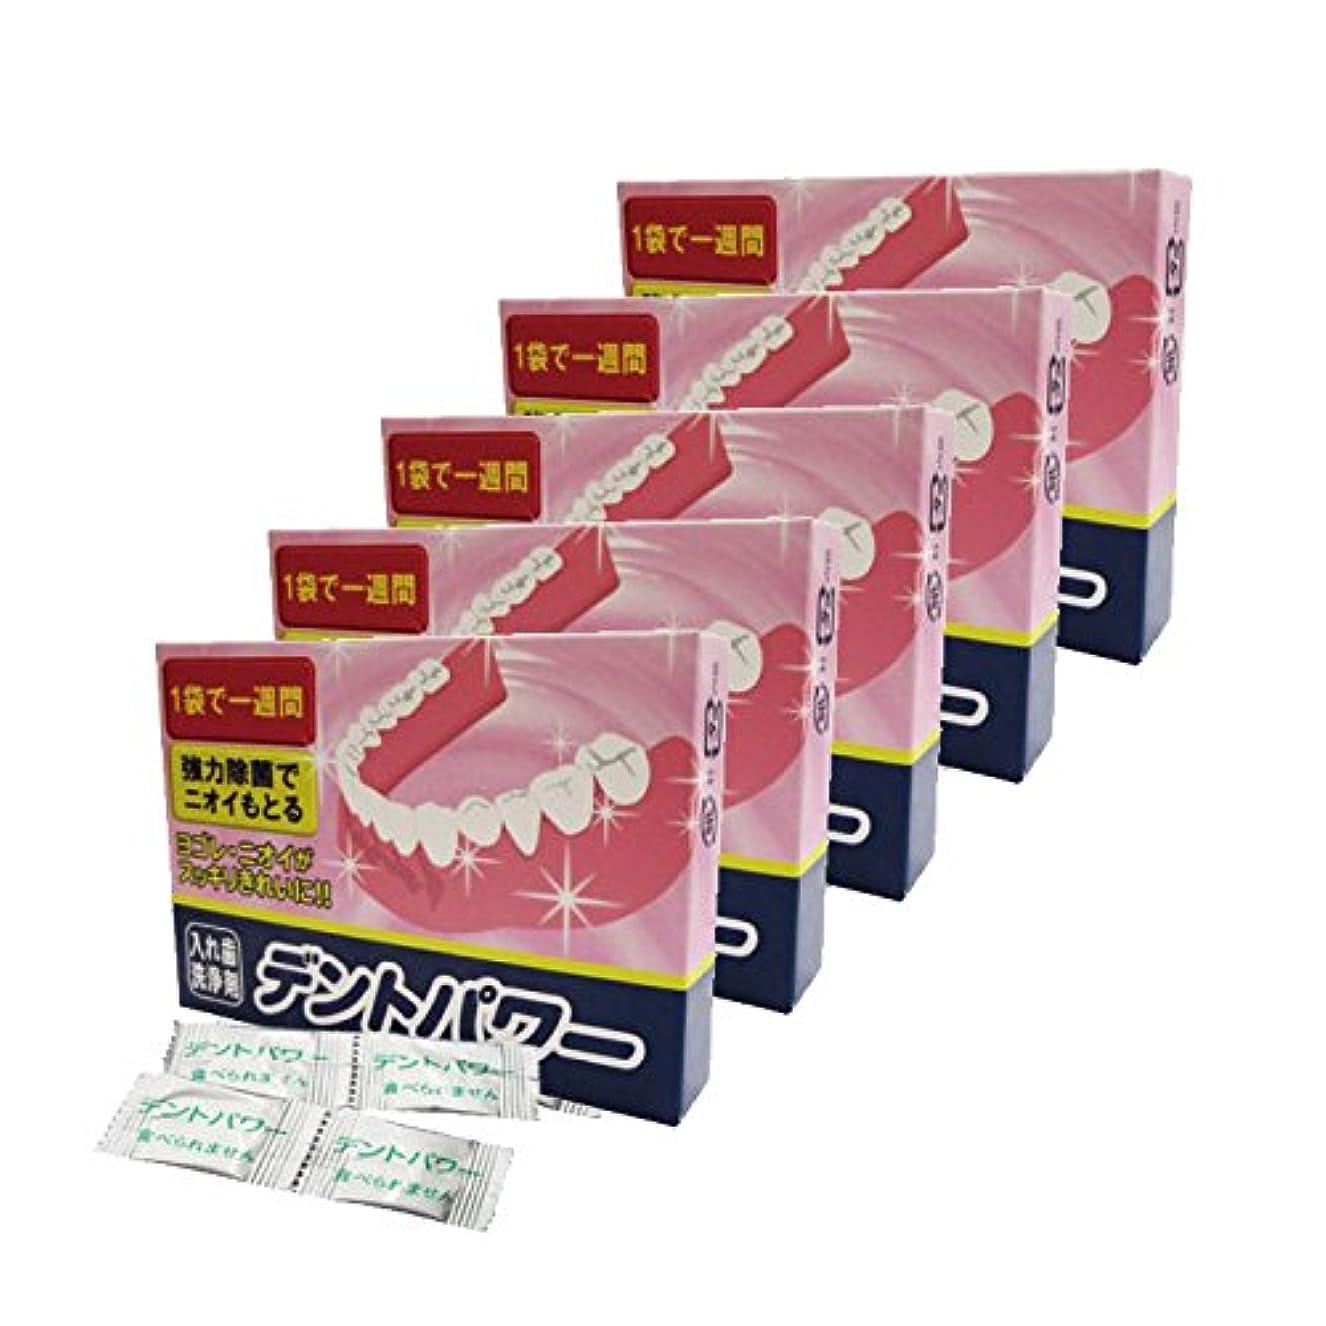 補う神のブローデントパワー 入れ歯洗浄剤 5ヵ月用x5個セット